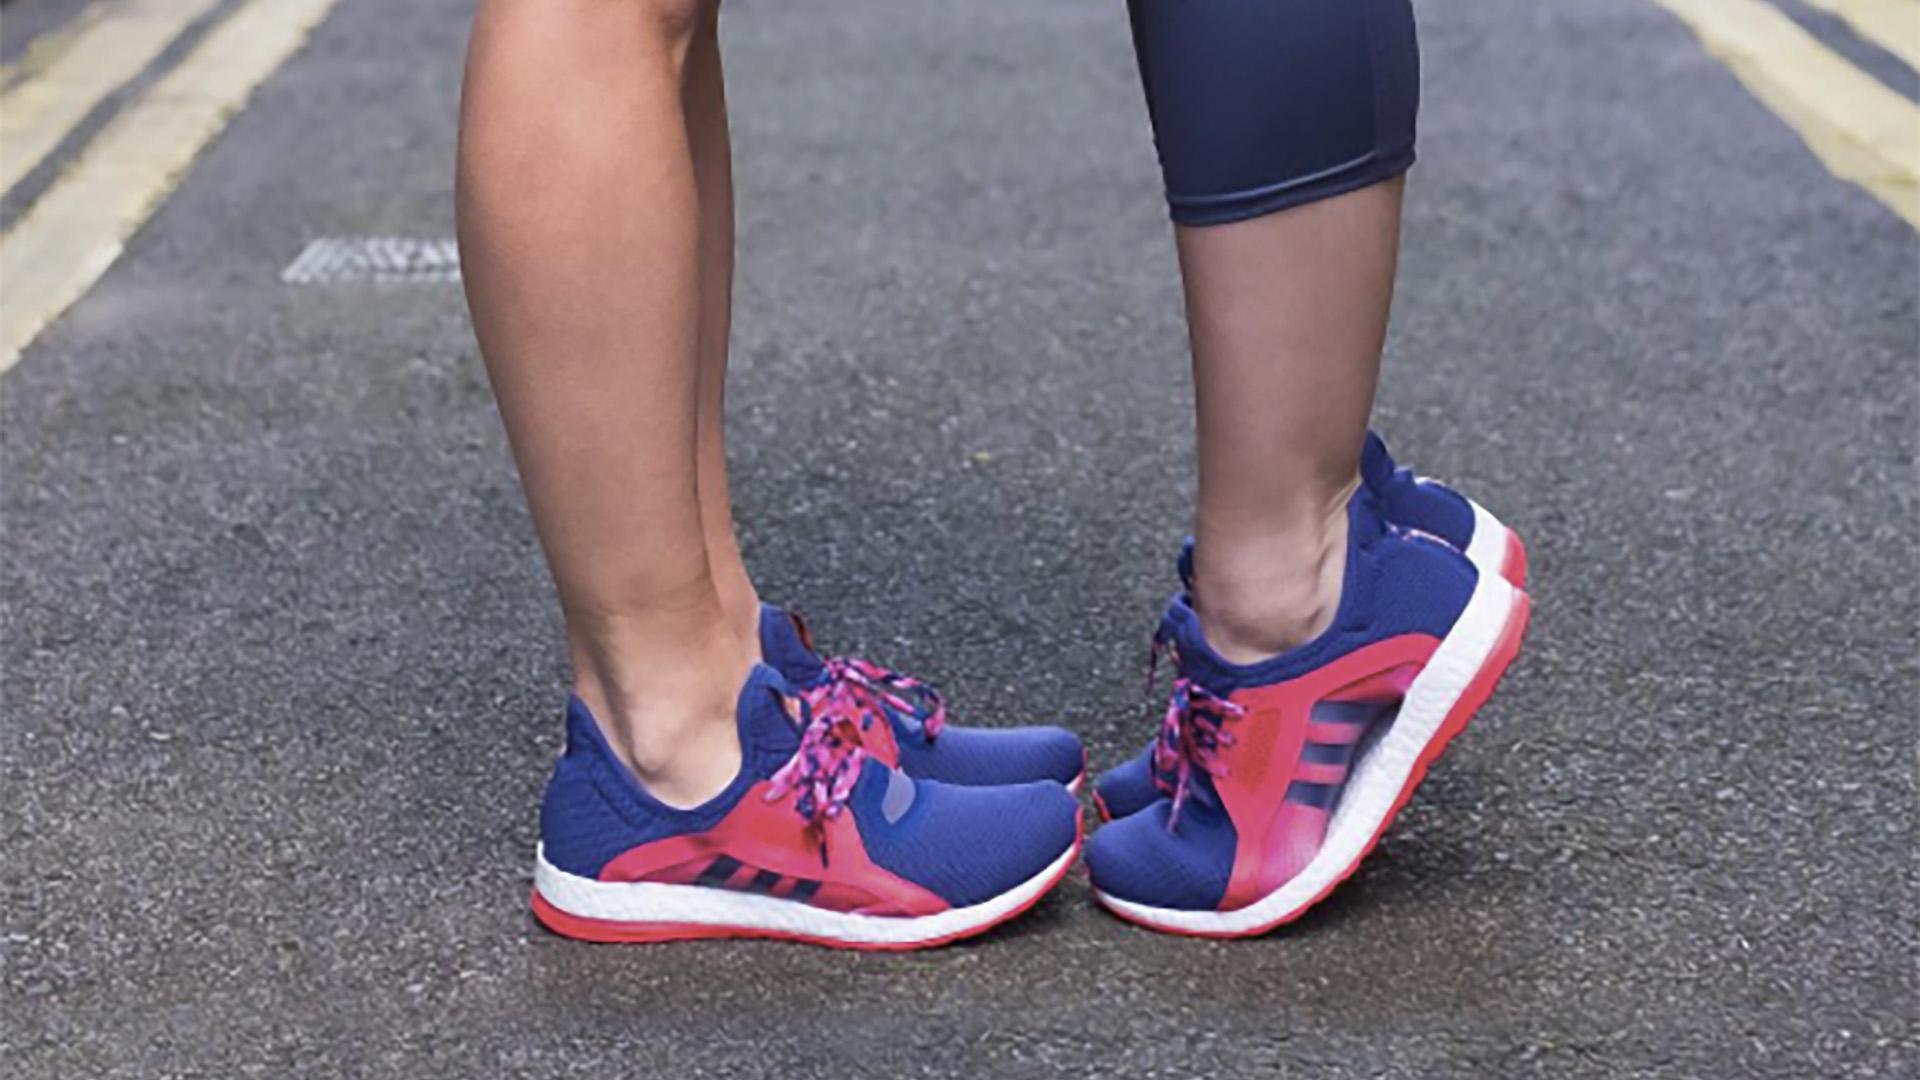 Adidas Tenis Mujer 2016